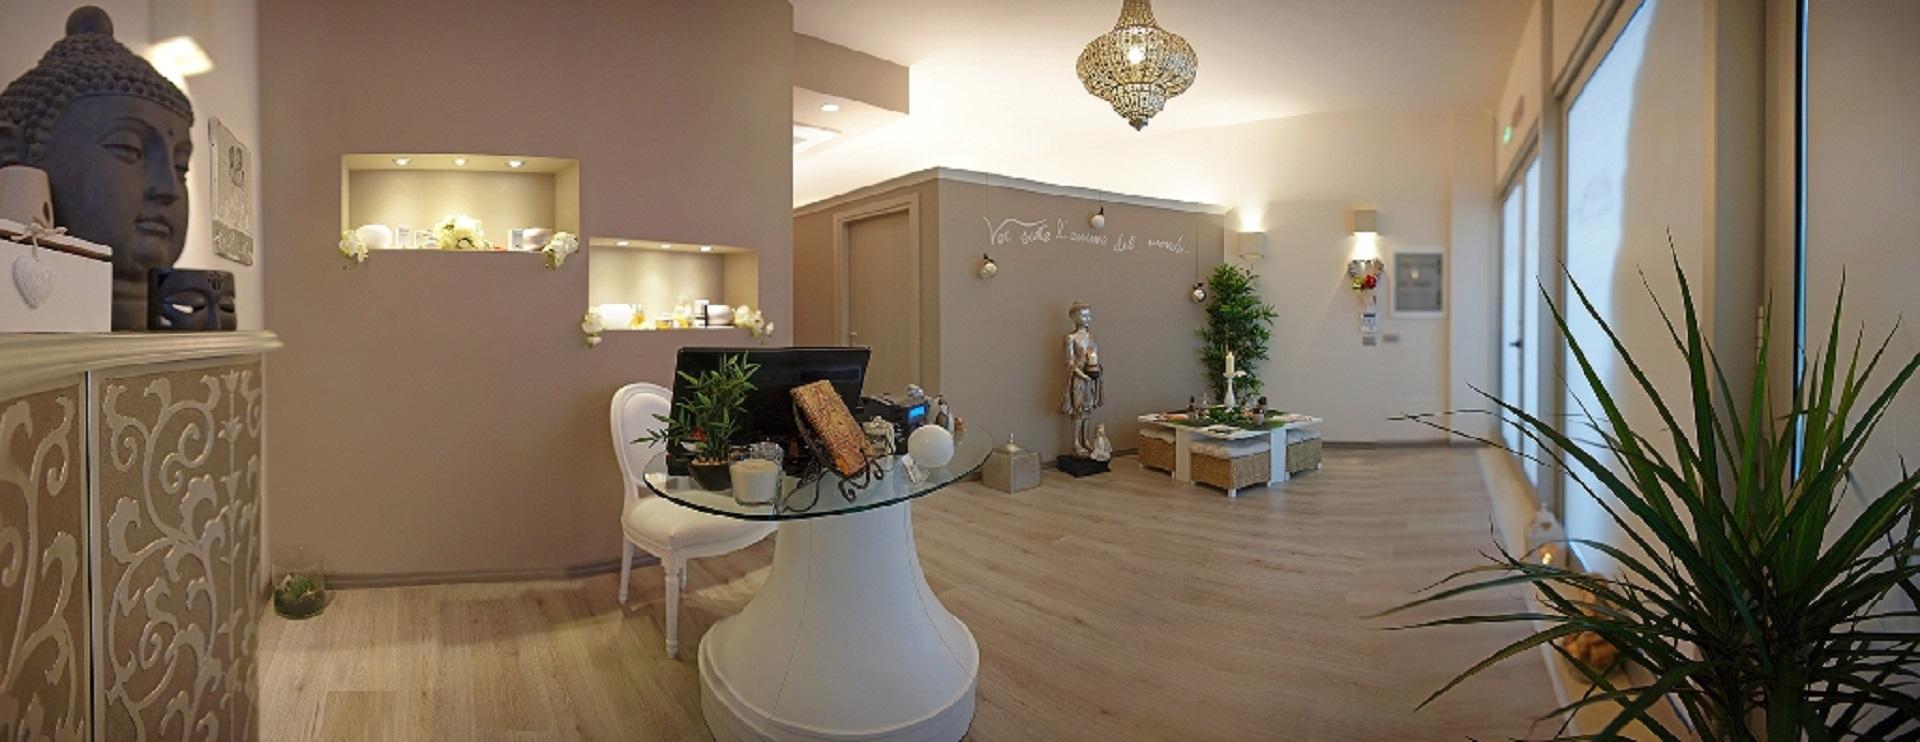 arredamento per centri estetici a Lecce - Arredamento centri benessere - Capp